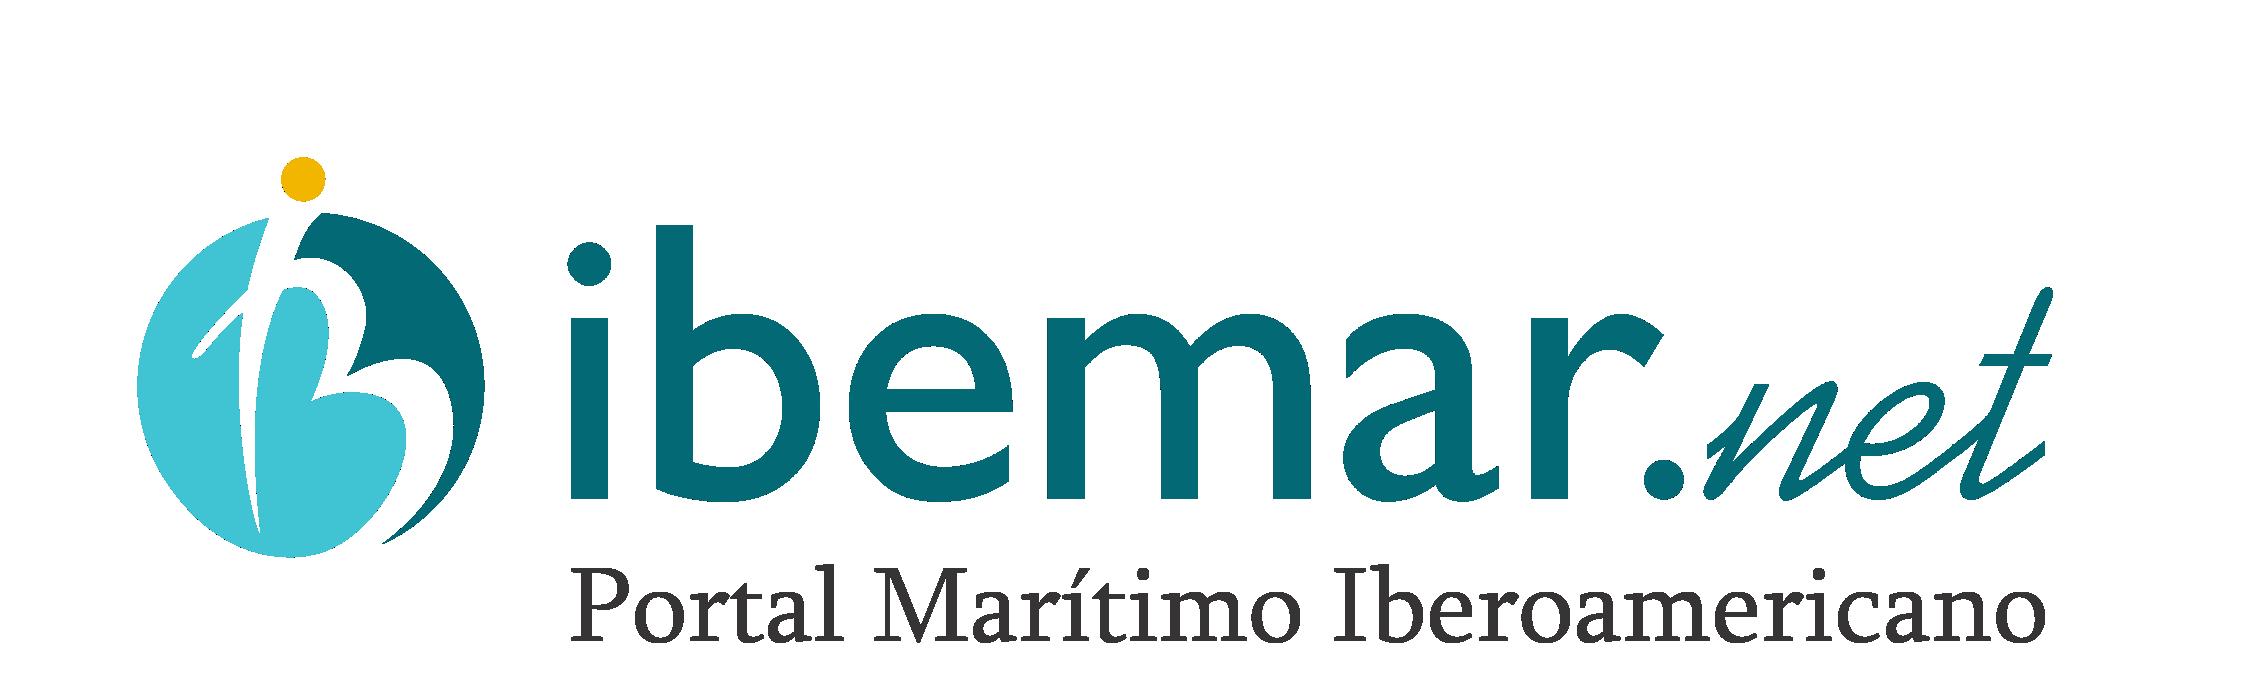 IBEMAR | Noticias Marítimas y Portuarias